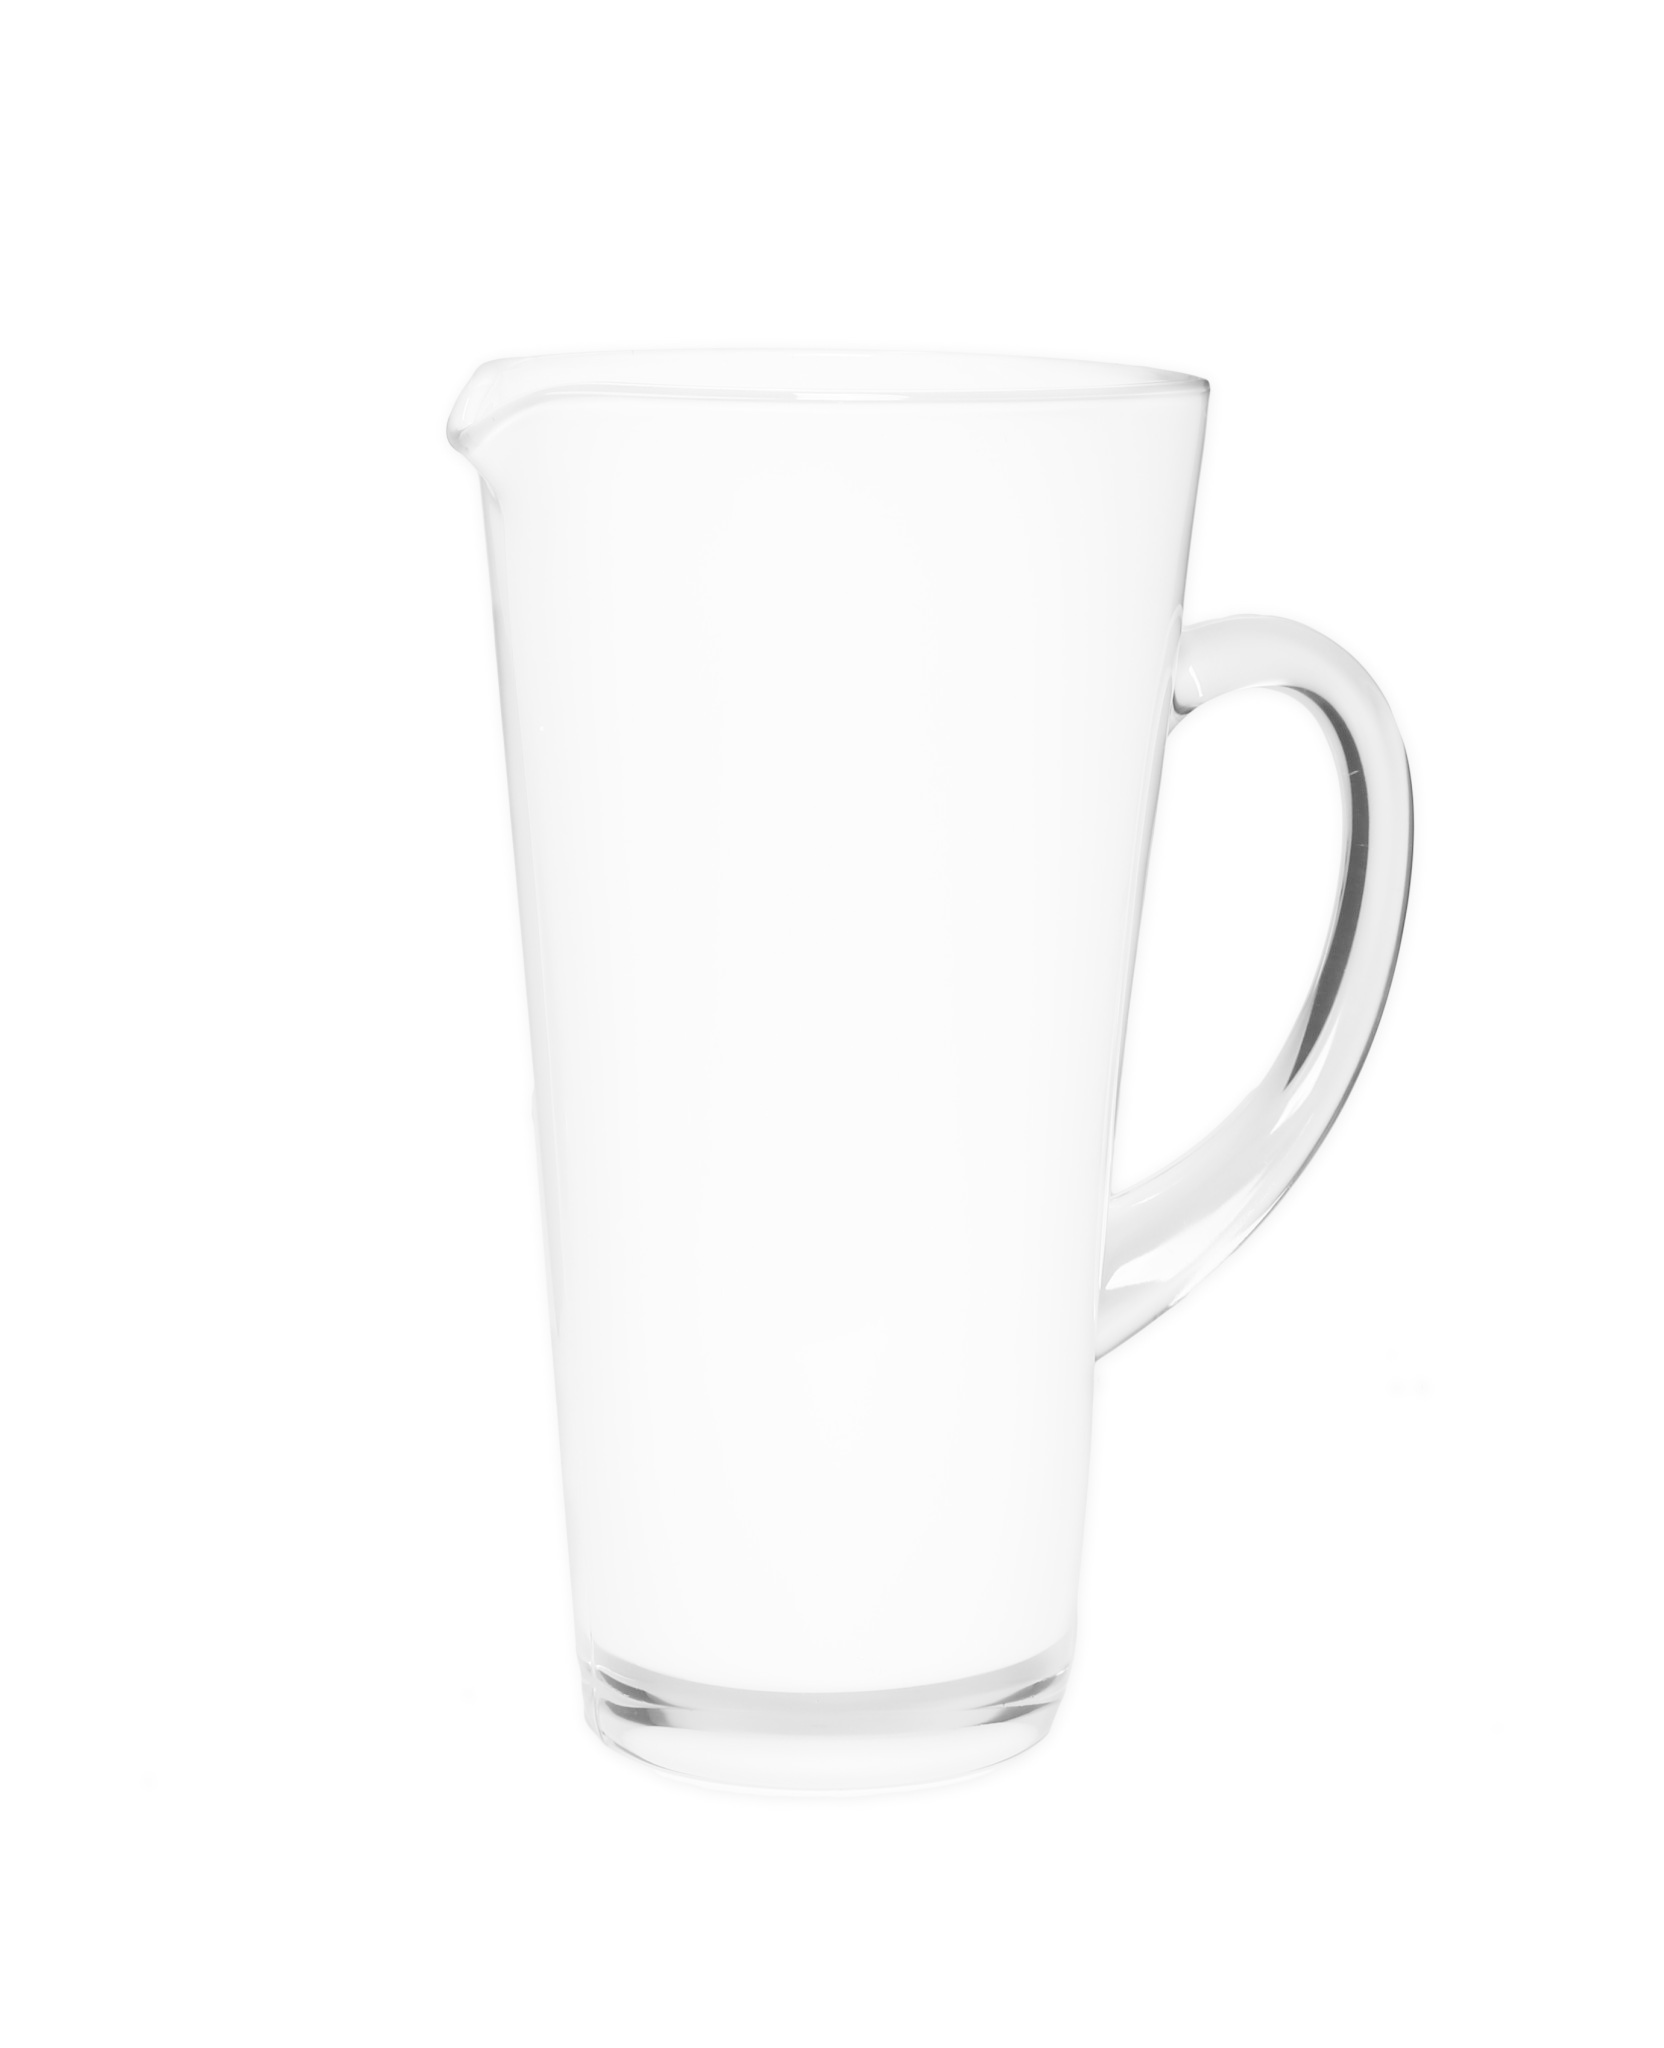 White Glass Pitcher